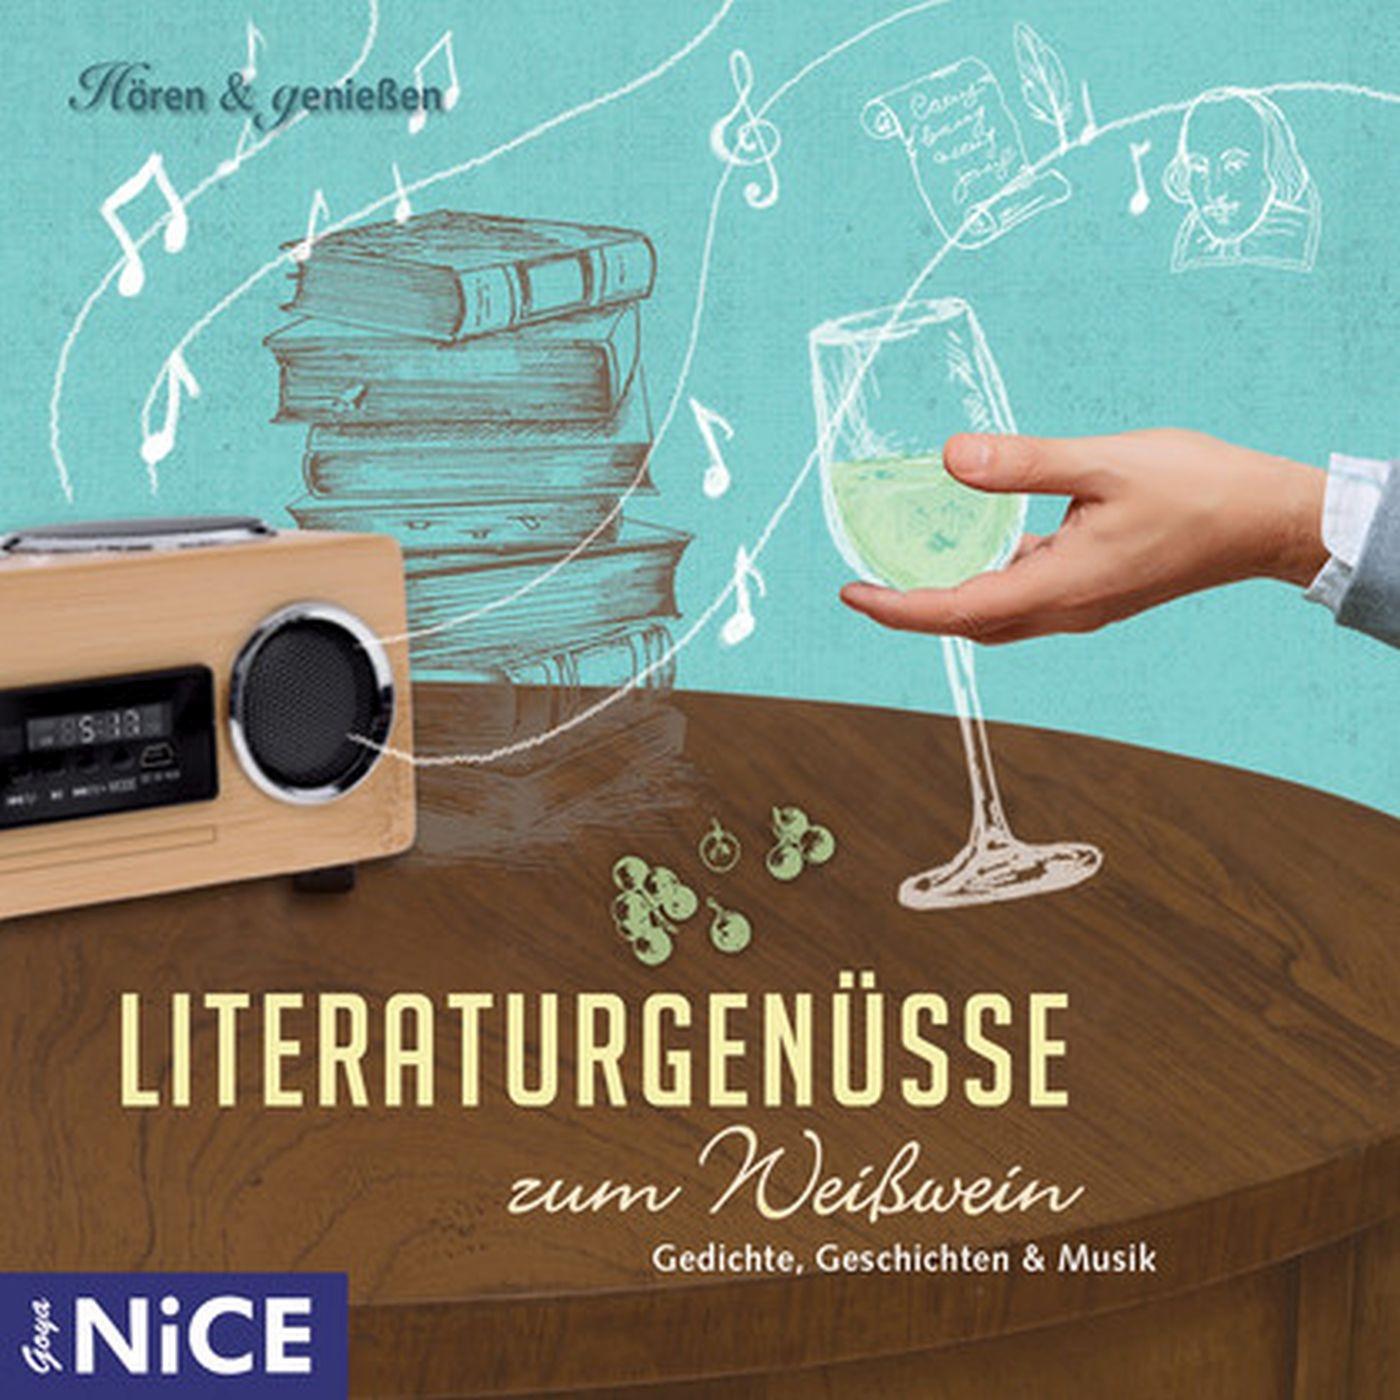 Literaturgenüsse zum Weißwein - Gedichte, Geschichten & Musik